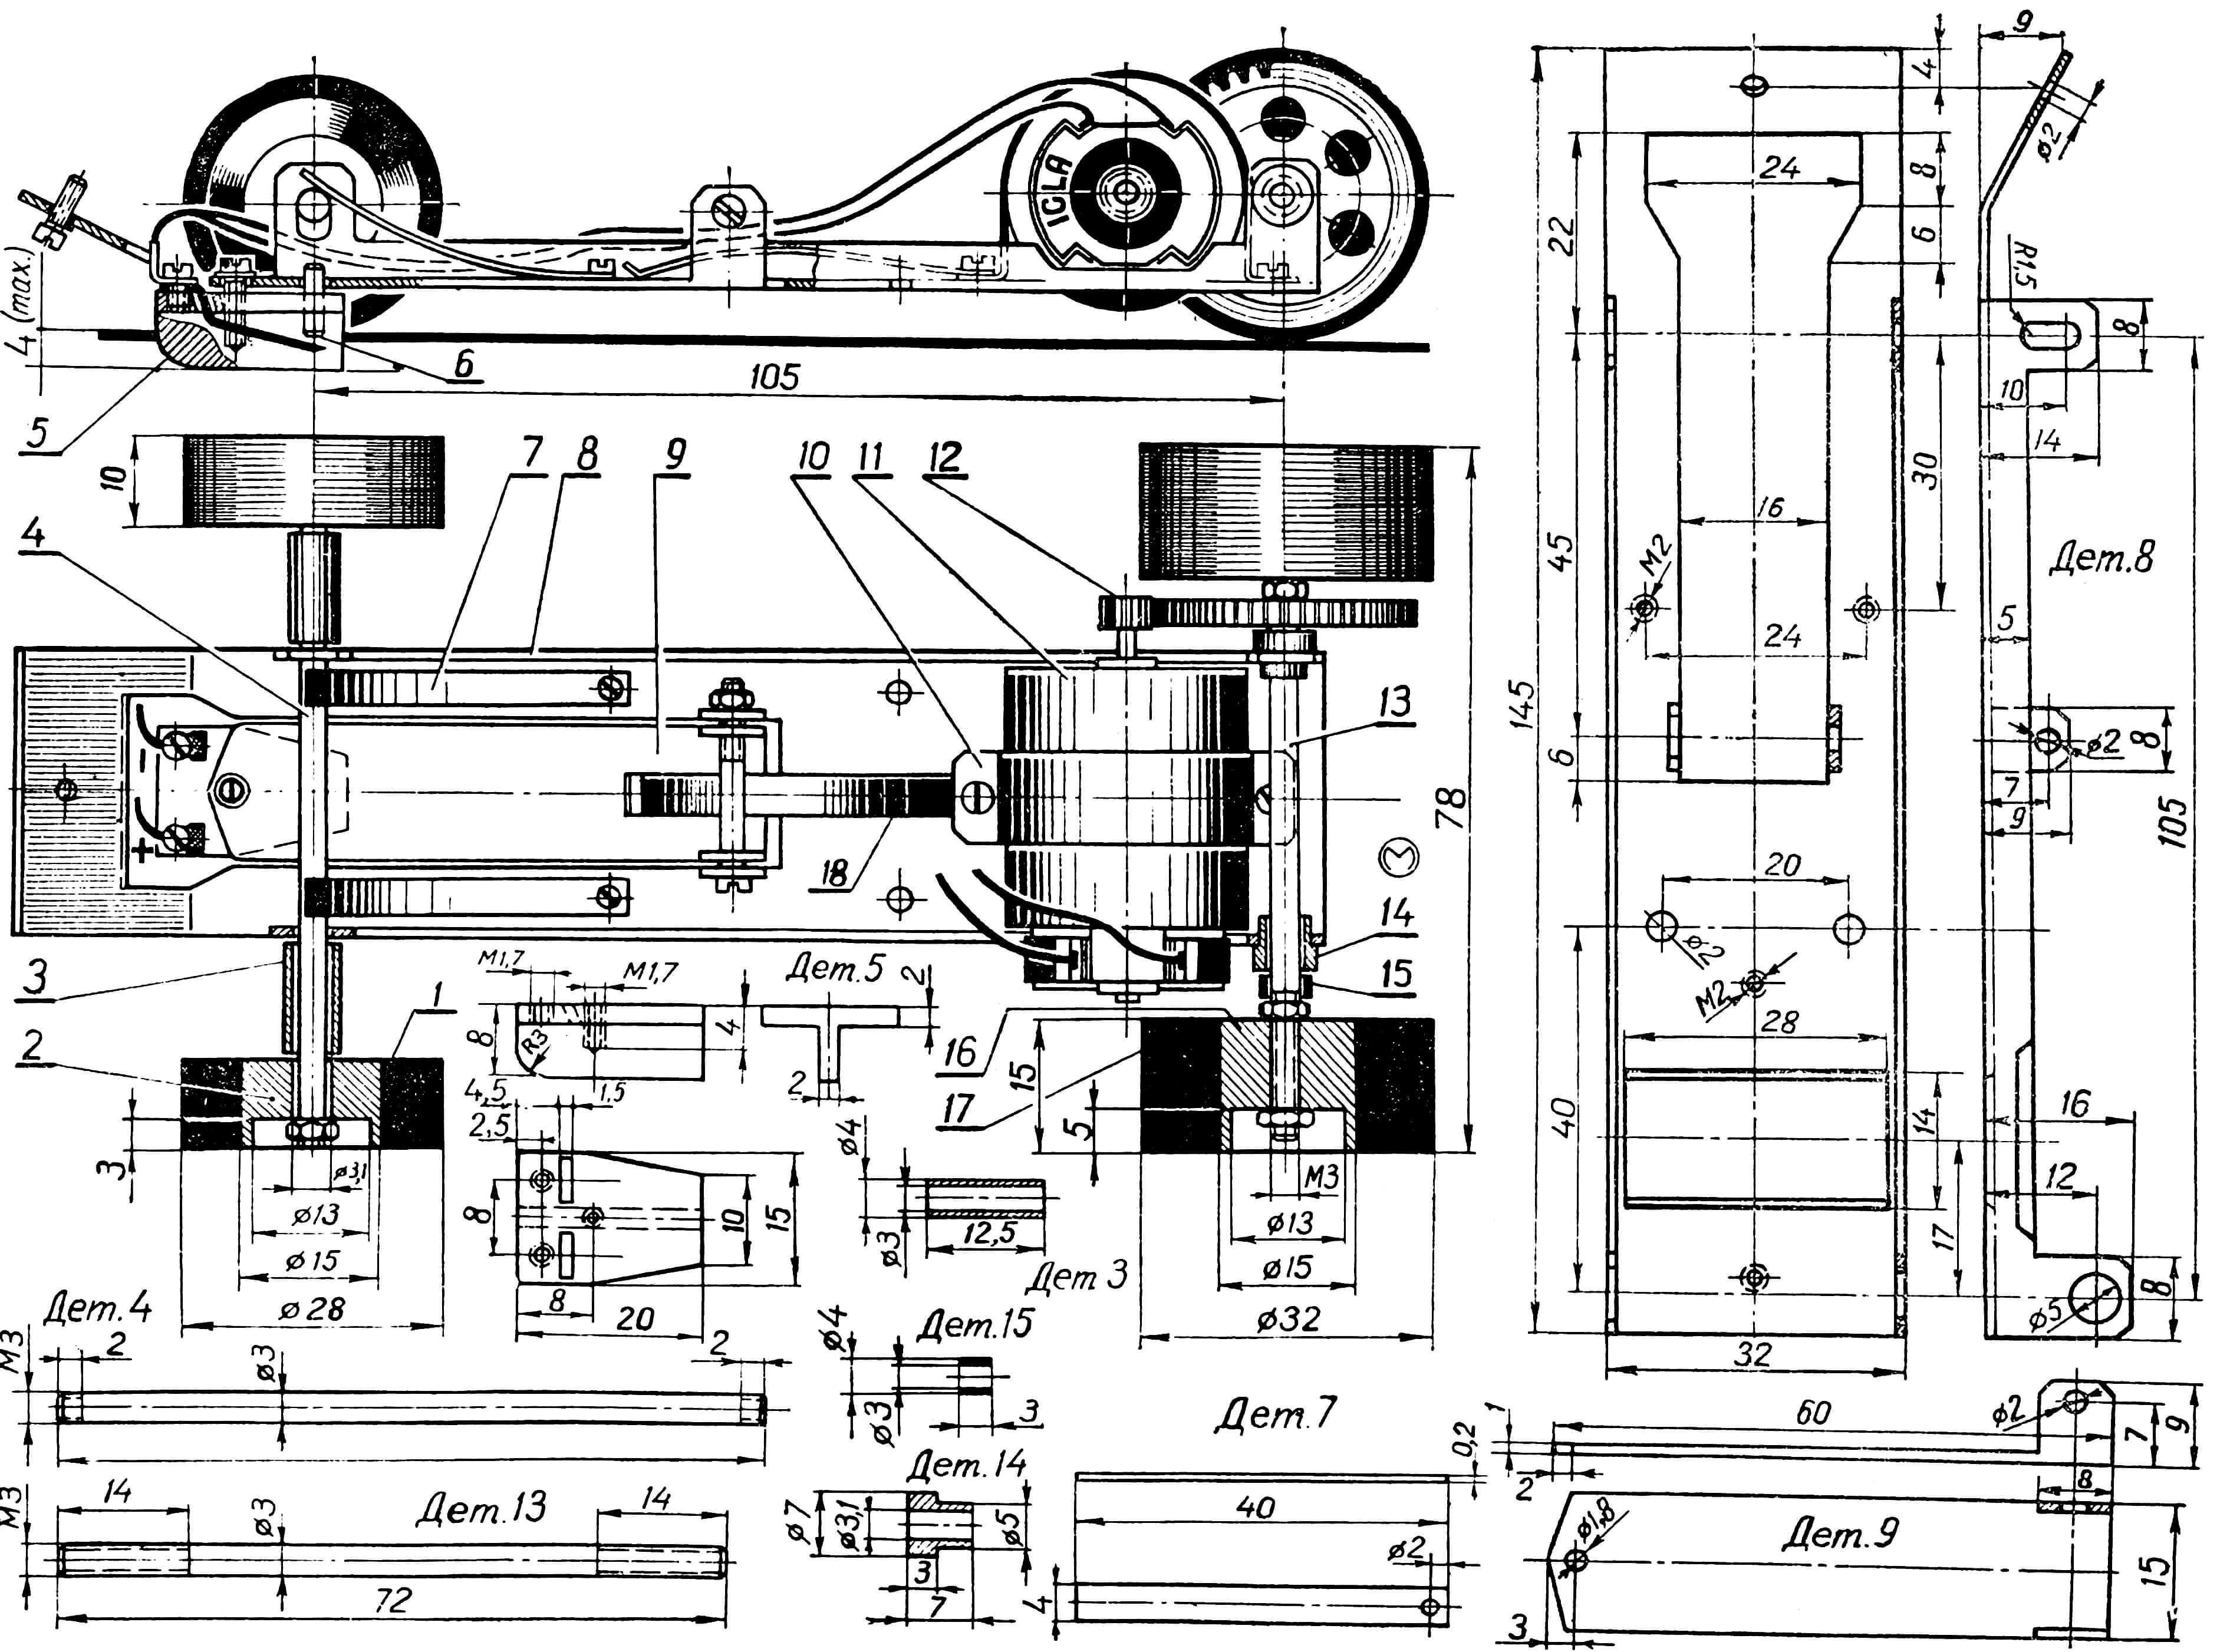 Рис. 3. Общий вид и деталировочные чертежи шасси: 1 — шина переднего колеса; 2 — диск переднего колеса; 3 — распорная втулка; 4 — ось переднего моста; 5 — направляющий рычаг; 6 — упор; 7 — рессора; 8 — рама; 9 — качающийся рычаг токосъемника; 10 — хомутик крепления микроэлектродвигателя; 11 — микроэлектродвигатель; 12 — силовая передача; 13 — ведущая ось;, 14 — подшипник; 15 — распорная втулка; 16 — диск ведущего колеса; 17 — шина ведущего колеса; 18 — пружина токосъемника.